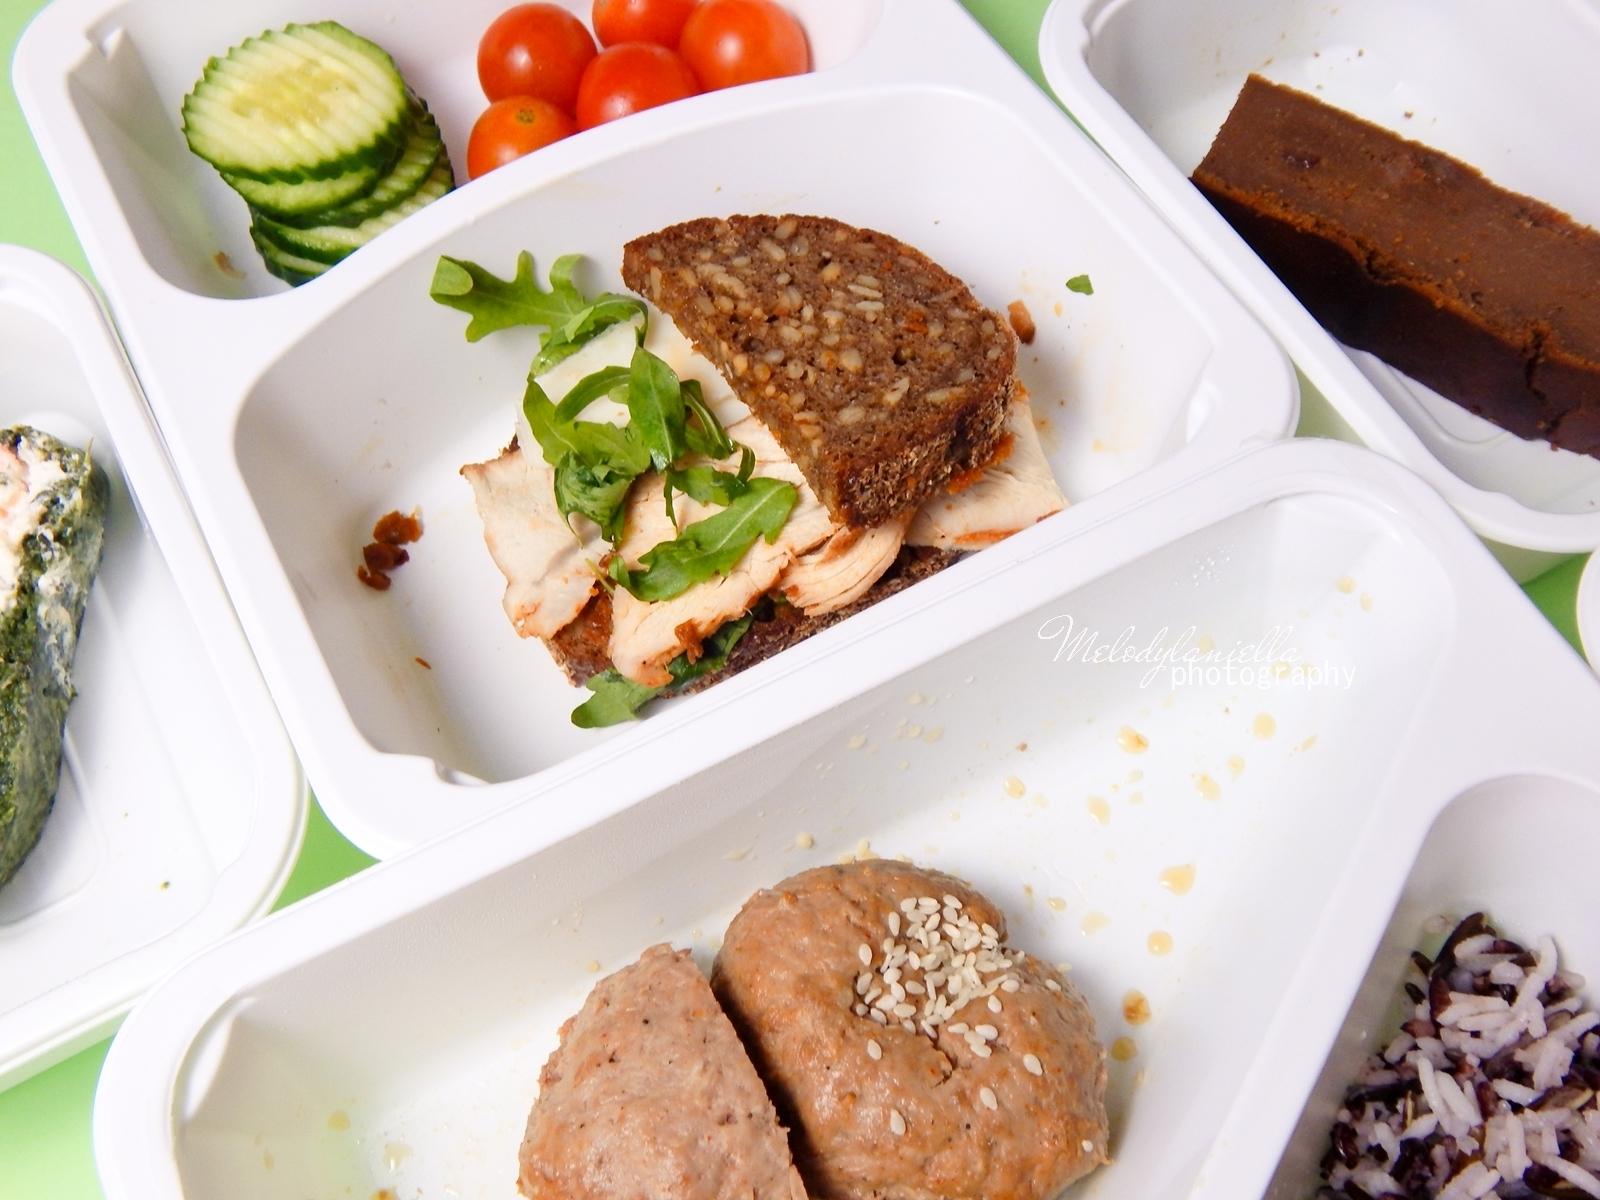 009 cateromarket dieta pudełkowa catering dietetyczny dieta jak przejść na dietę catering z dowozem do domu dieta kalorie melodylaniella dieta na cały dzień jedzenie na cały dzień catering do domu